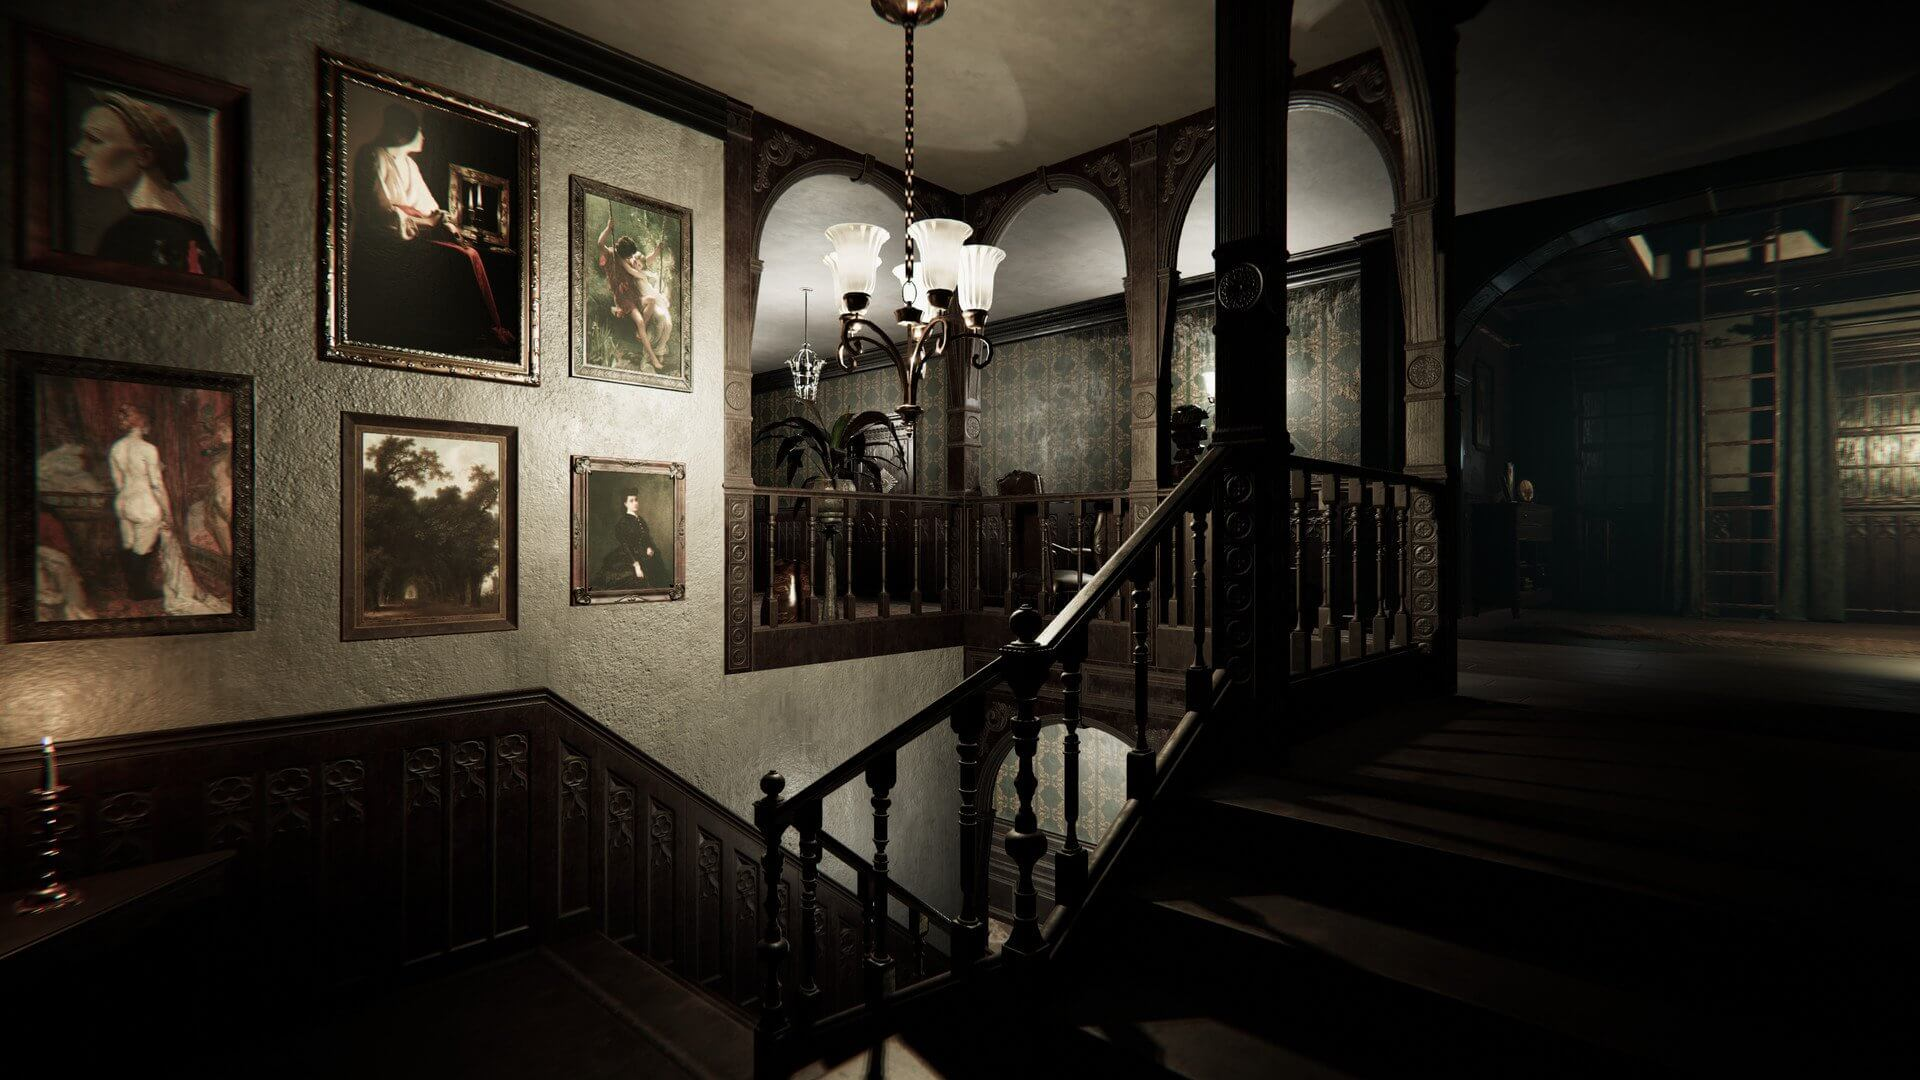 Gli elaborati interni della villa del Culto dell'Estasi.